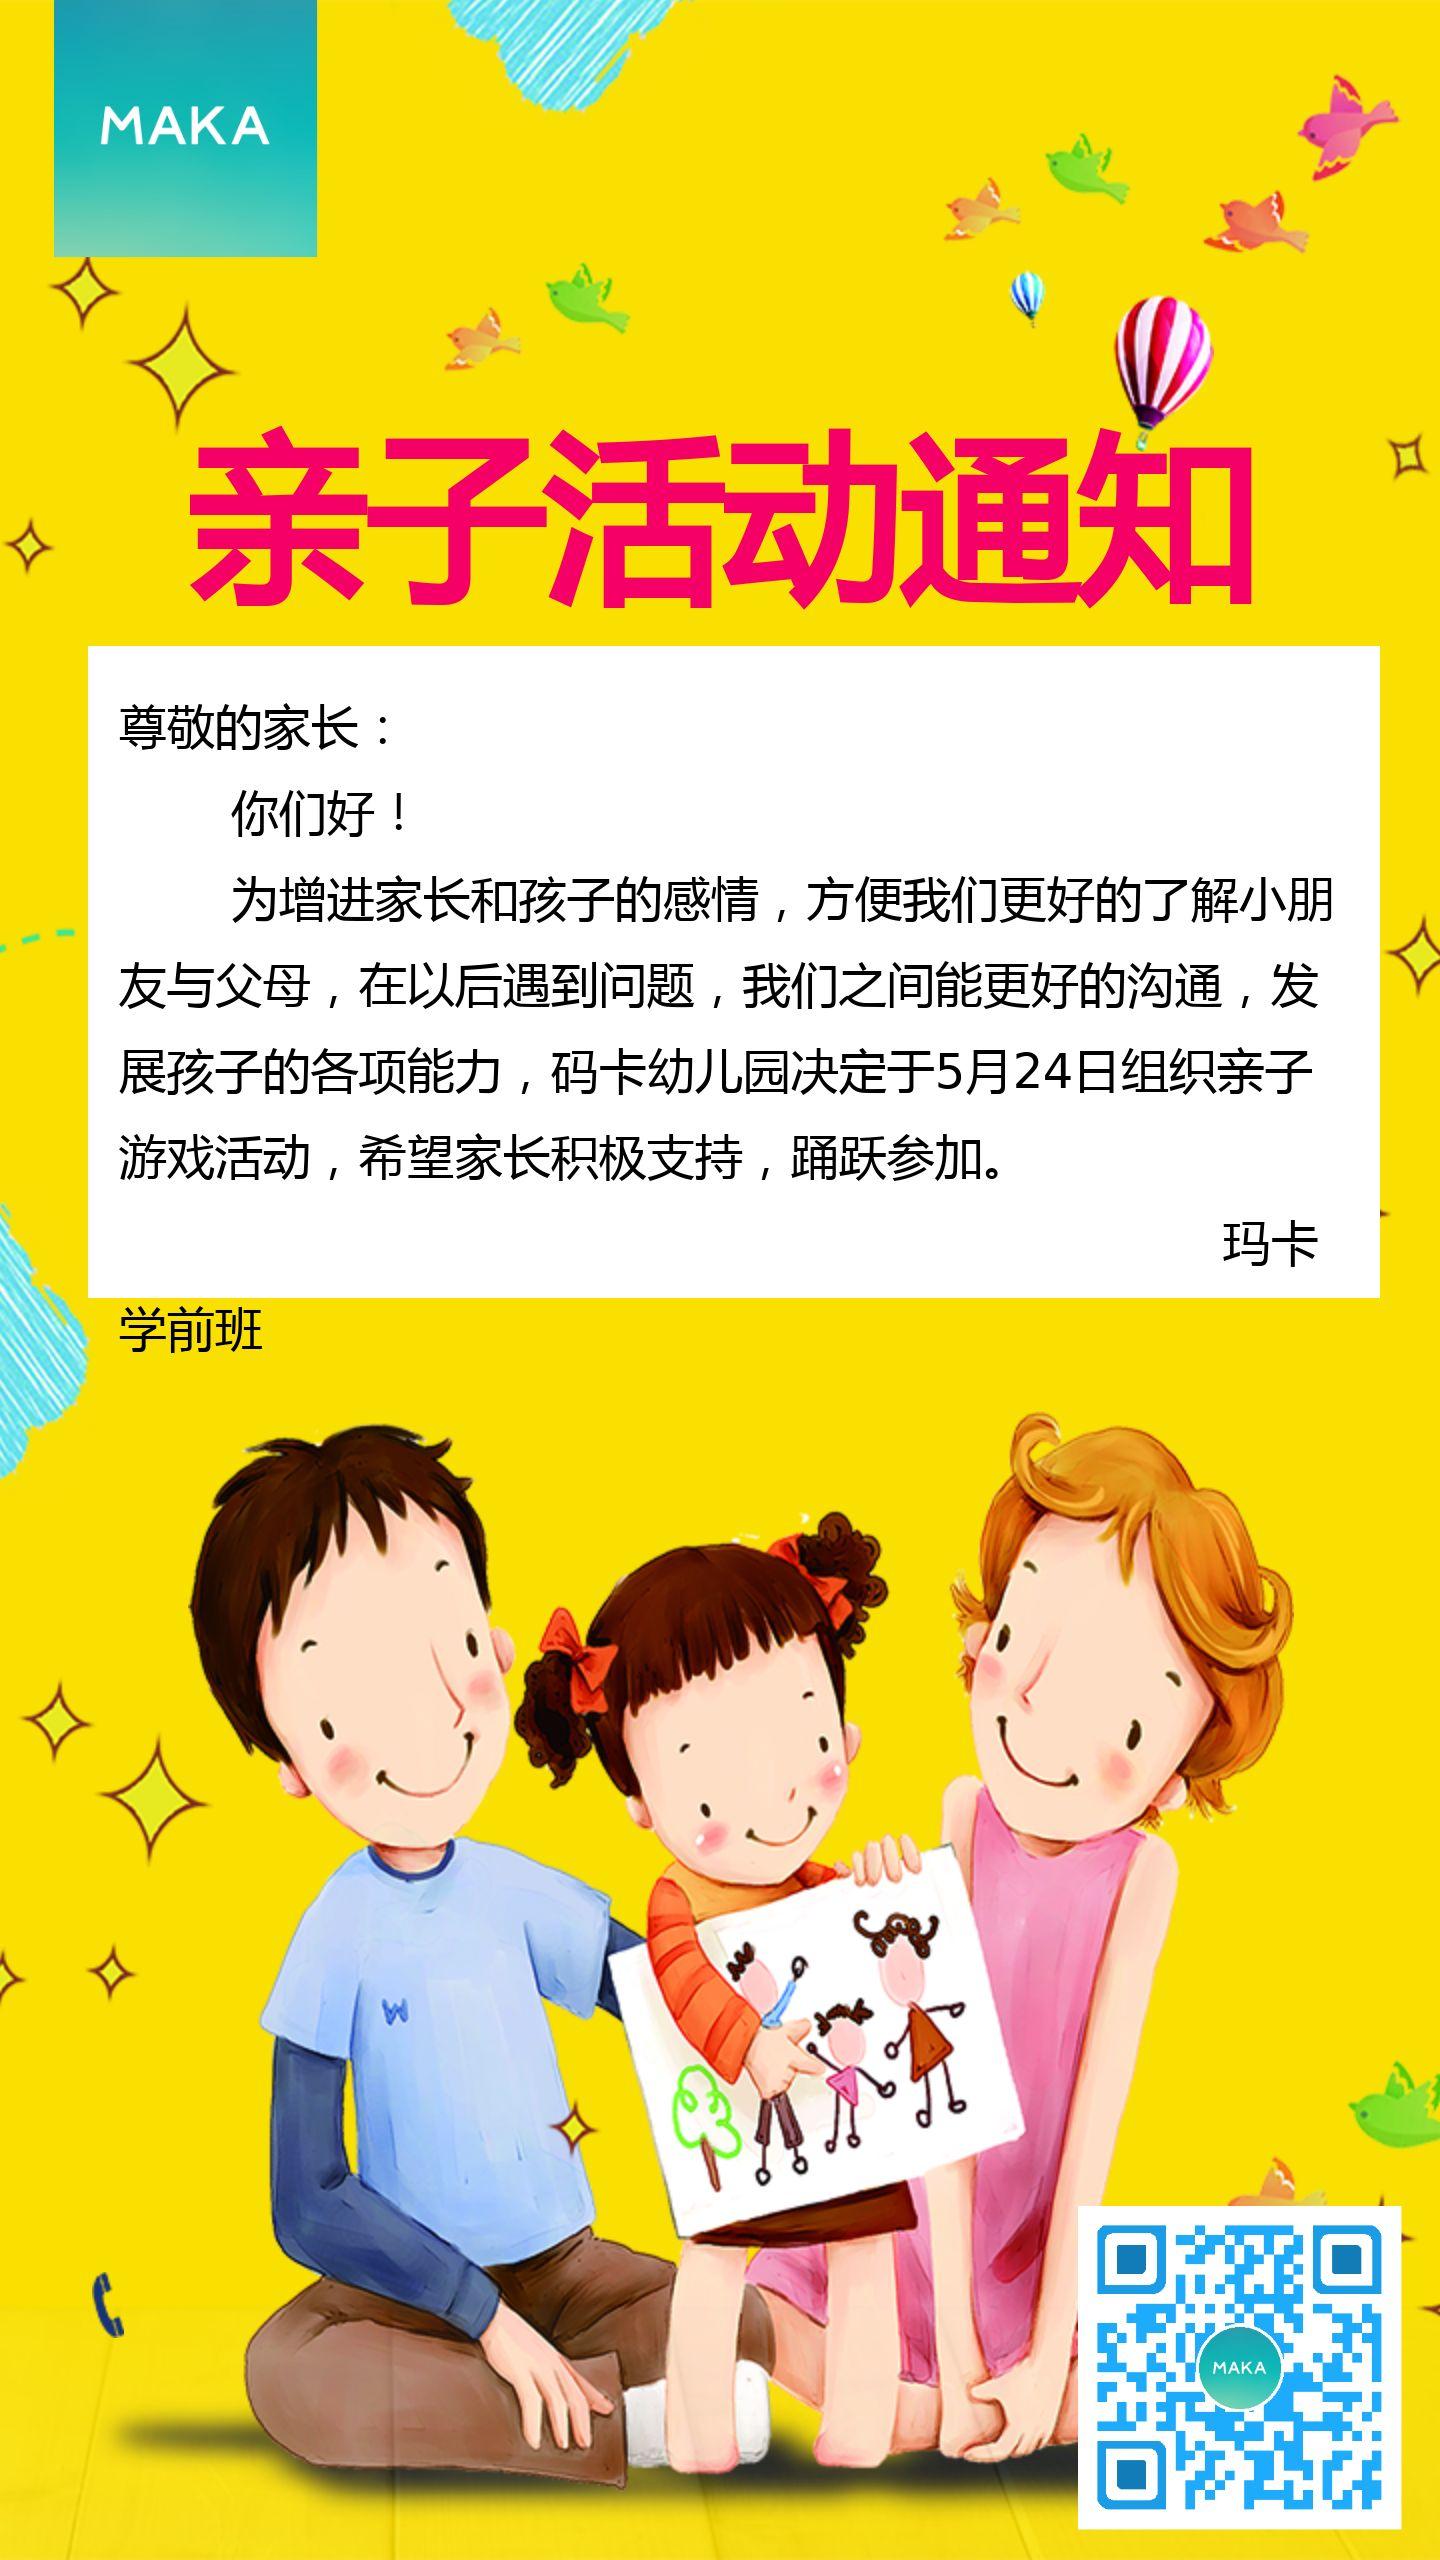 亮黄色卡通插画风早教亲子活动邀请教育培训宣传海报